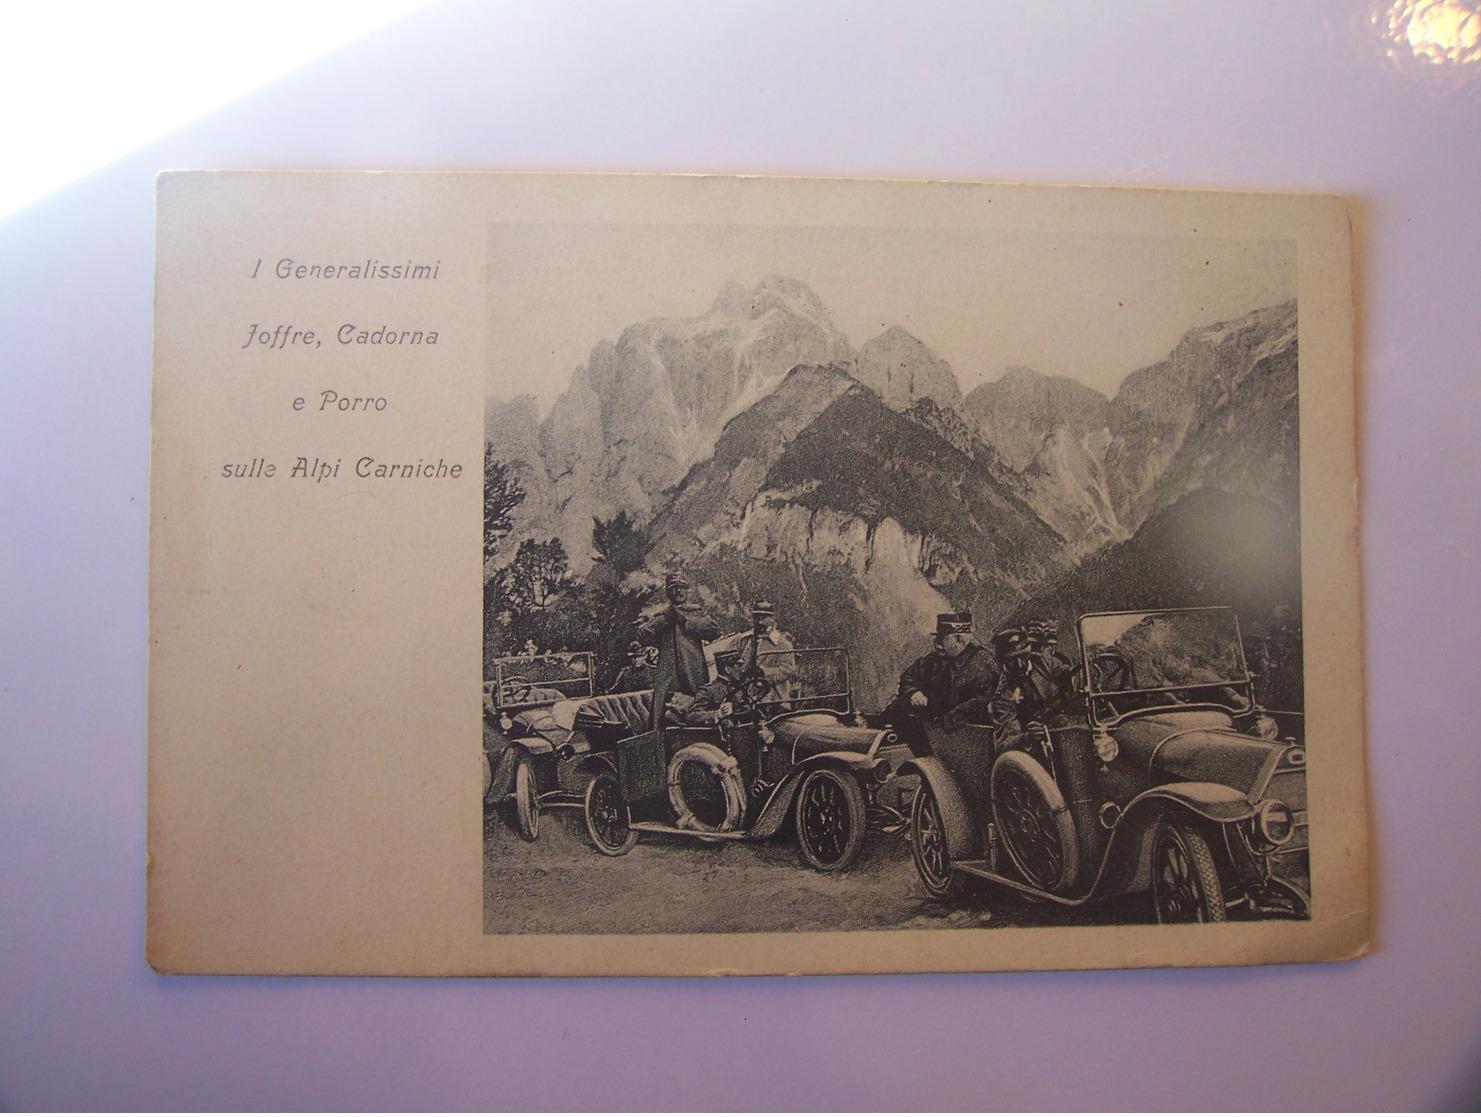 4-2--------publicité -----fiat---i Generalissimi Joffre Cardona E Porro Sulle Alpi Carniche--------voir Recto Verso - Advertising